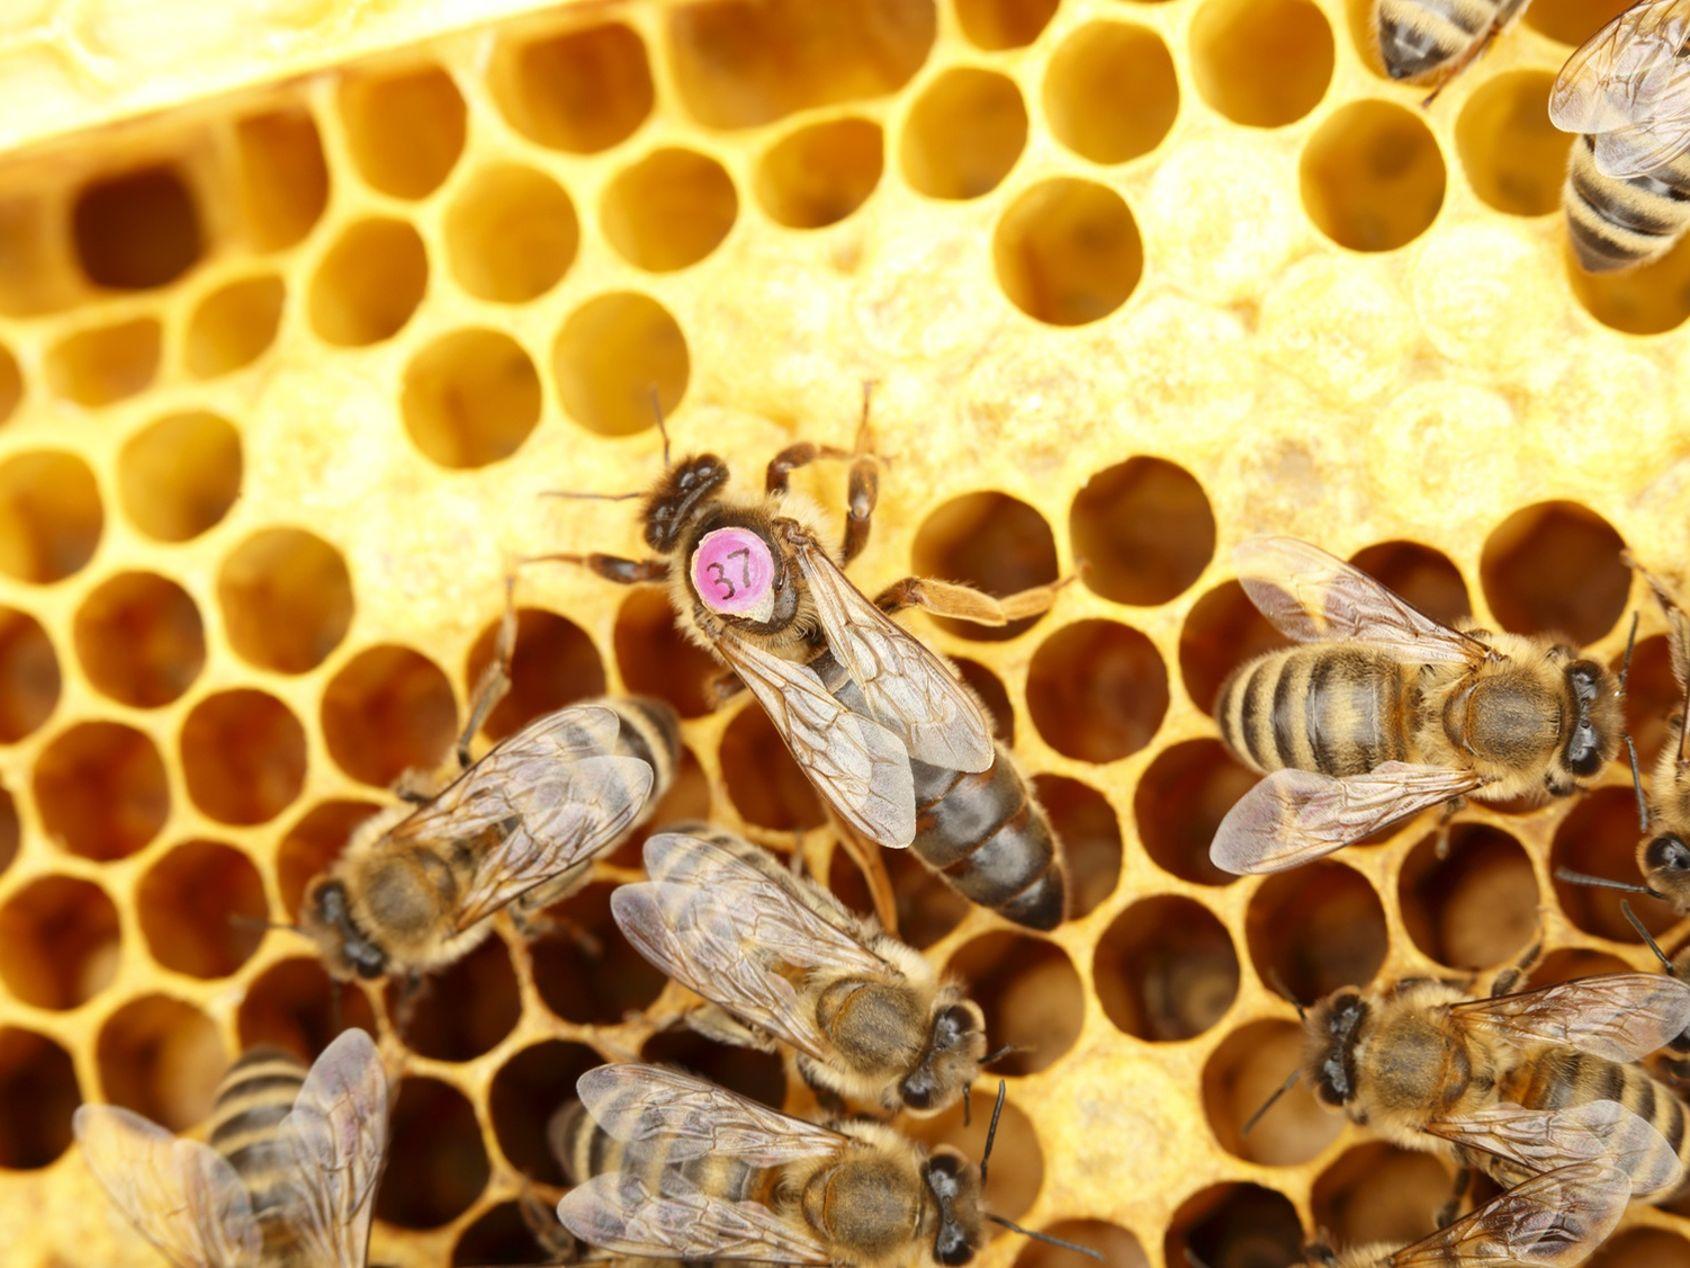 jinstalle une ruche dans mon jardin je recolte mon miel je protege les abeilles